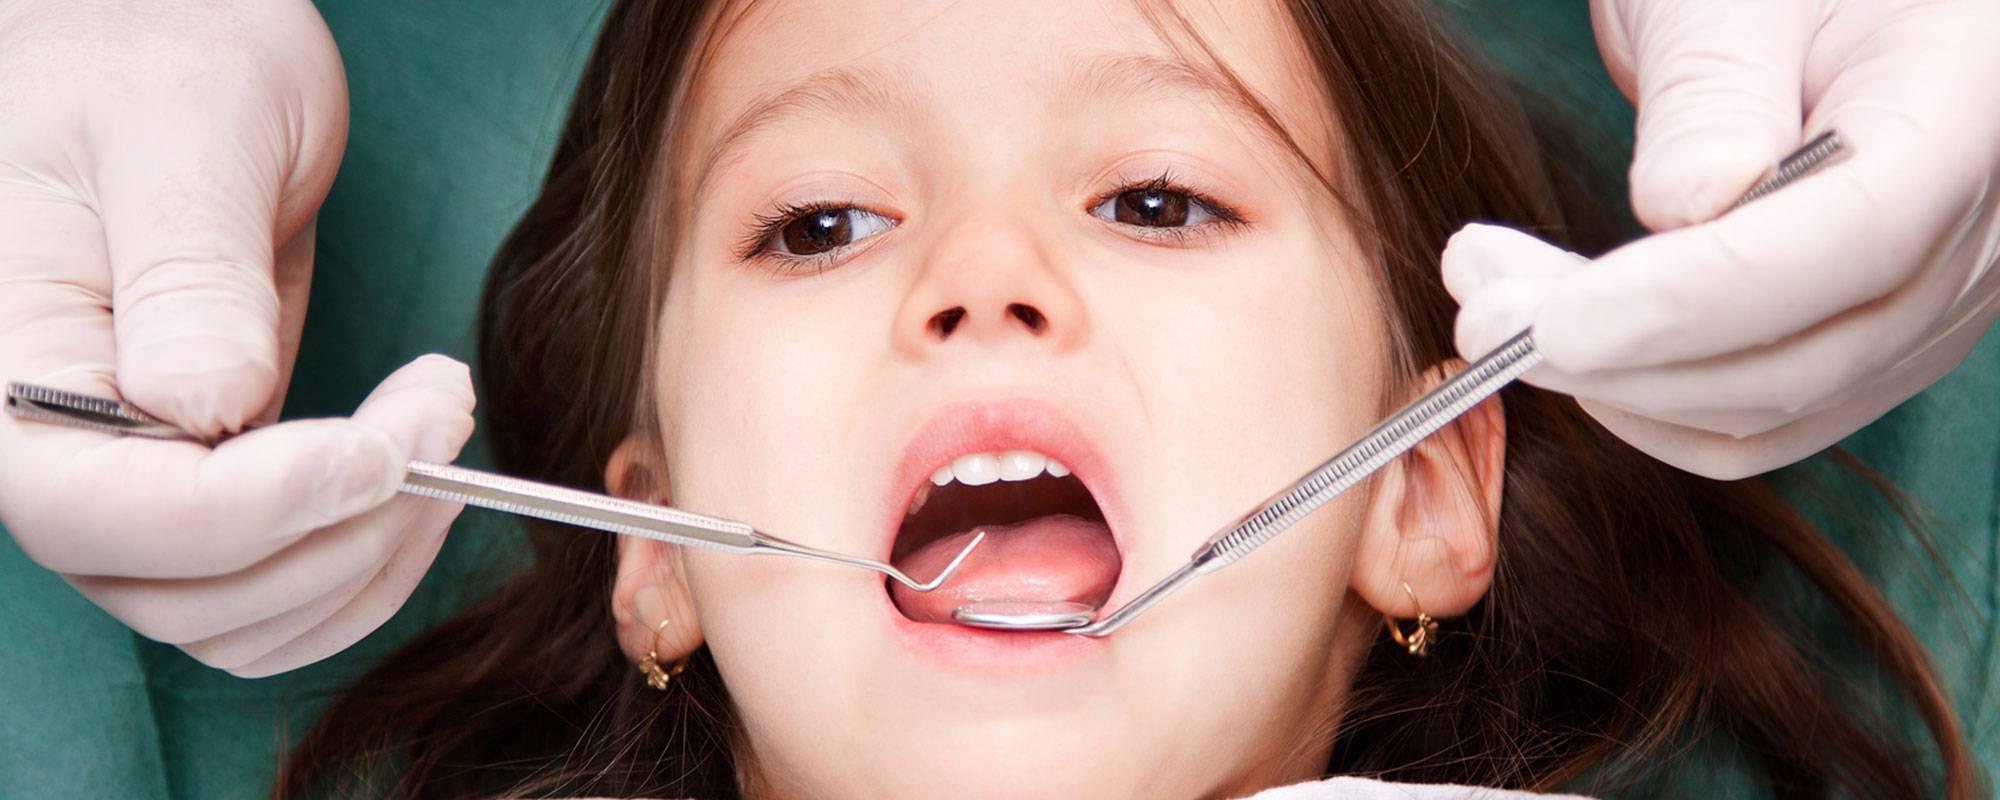 Серебрение зубов у детей: особенности процедуры и отзывы